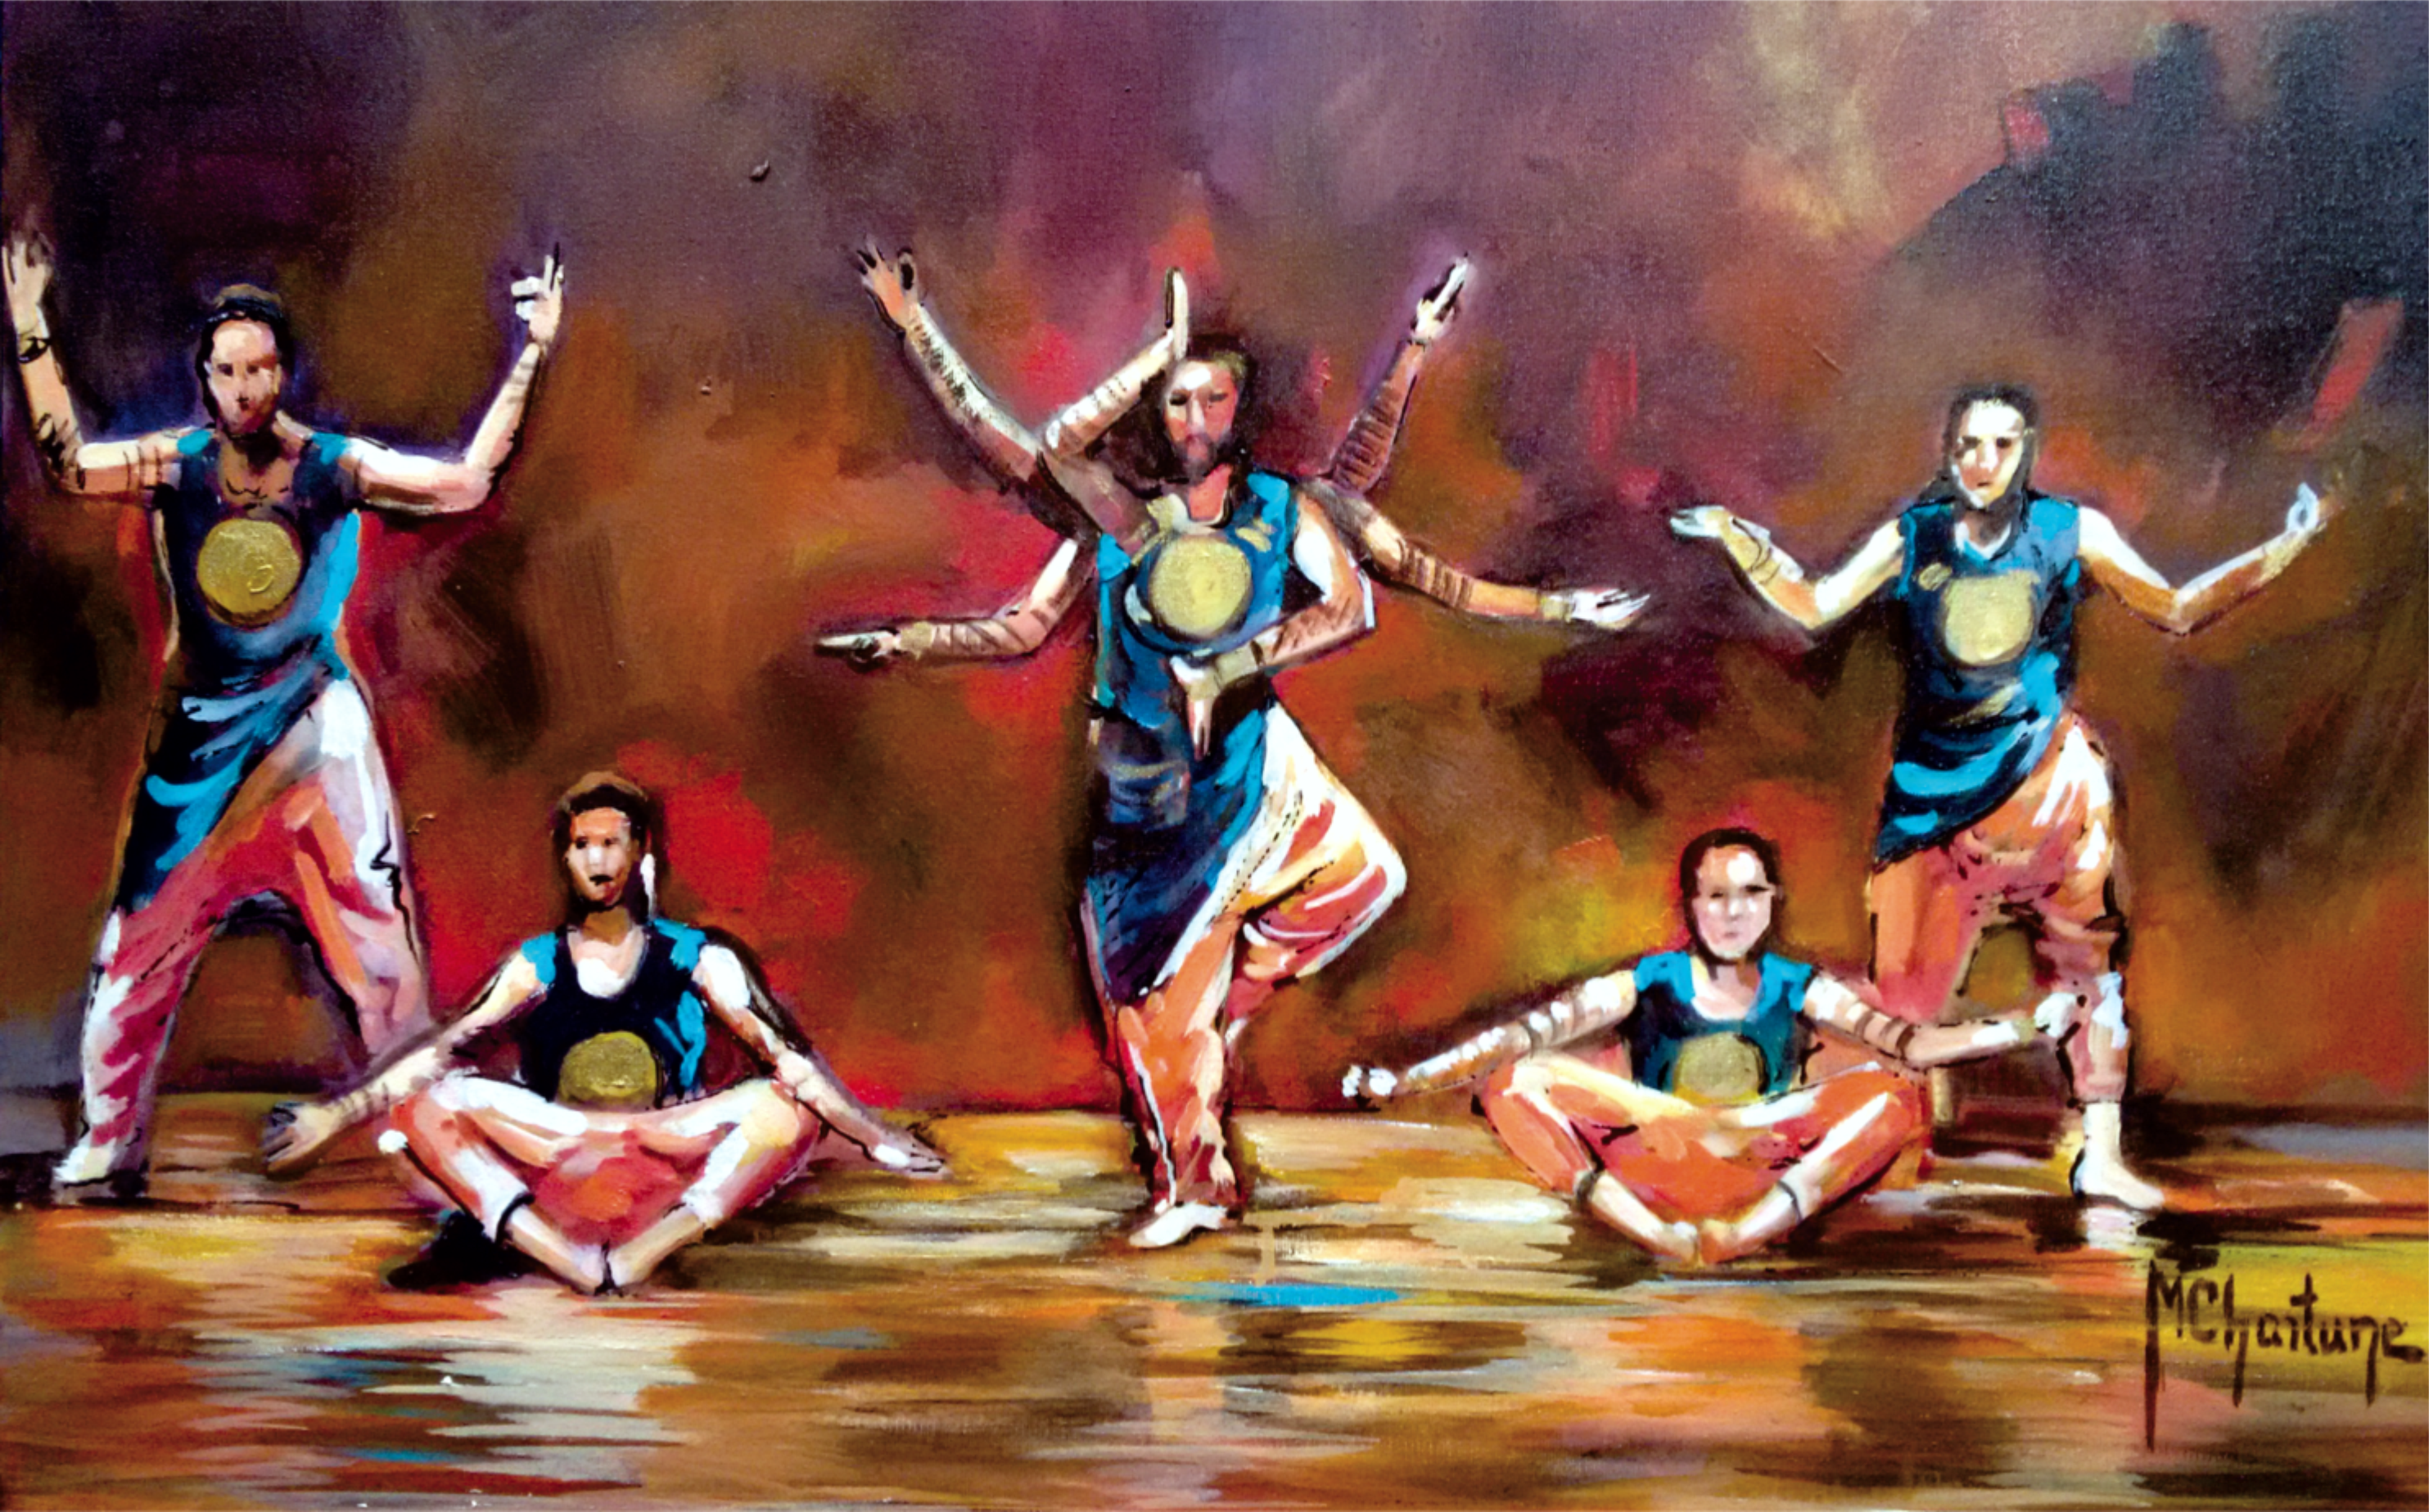 21º Santa Maria em Dança (2015)